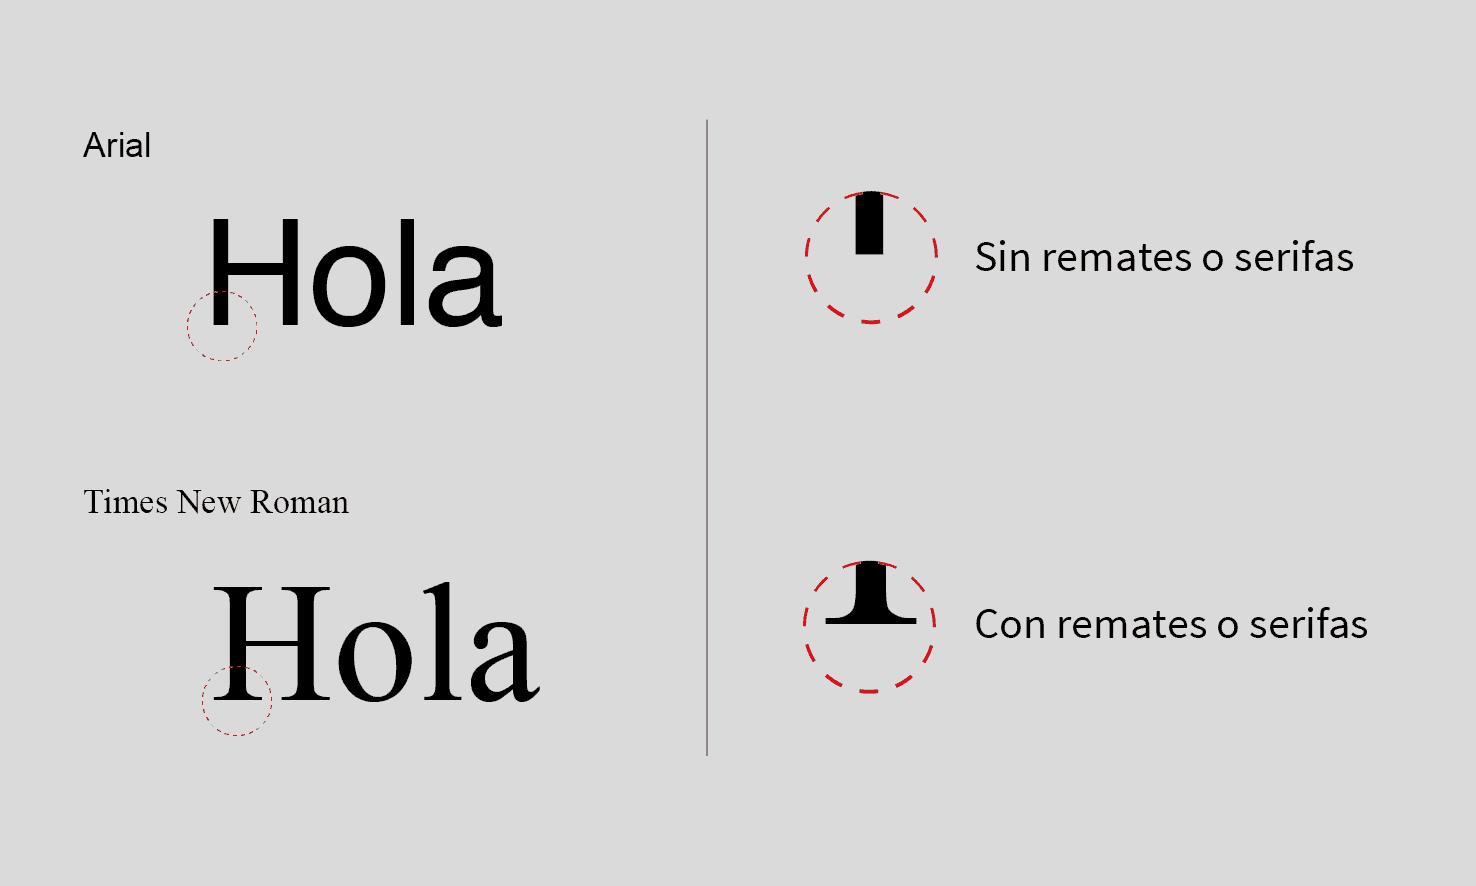 ejemplo de tipografias con serifa y sin serifa